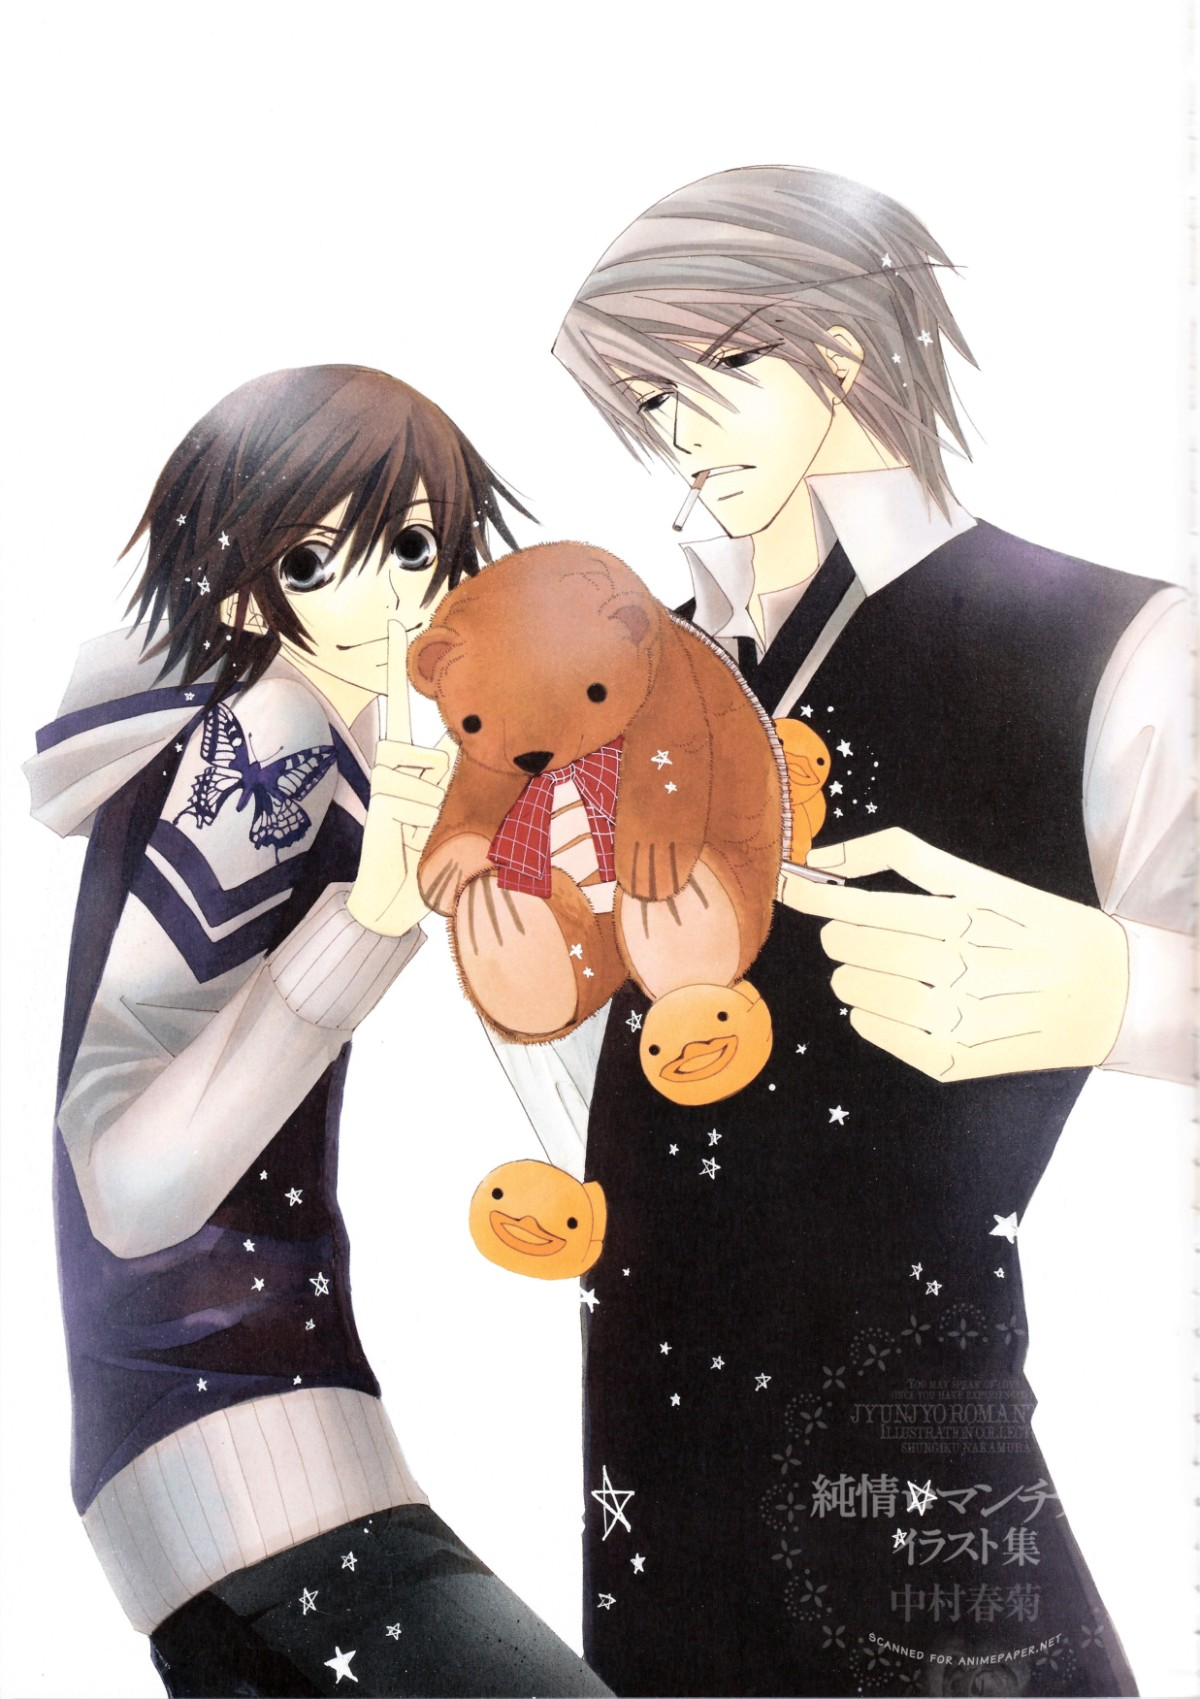 Junjou Romantica   page 12 of 20 - Zerochan Anime Image Board